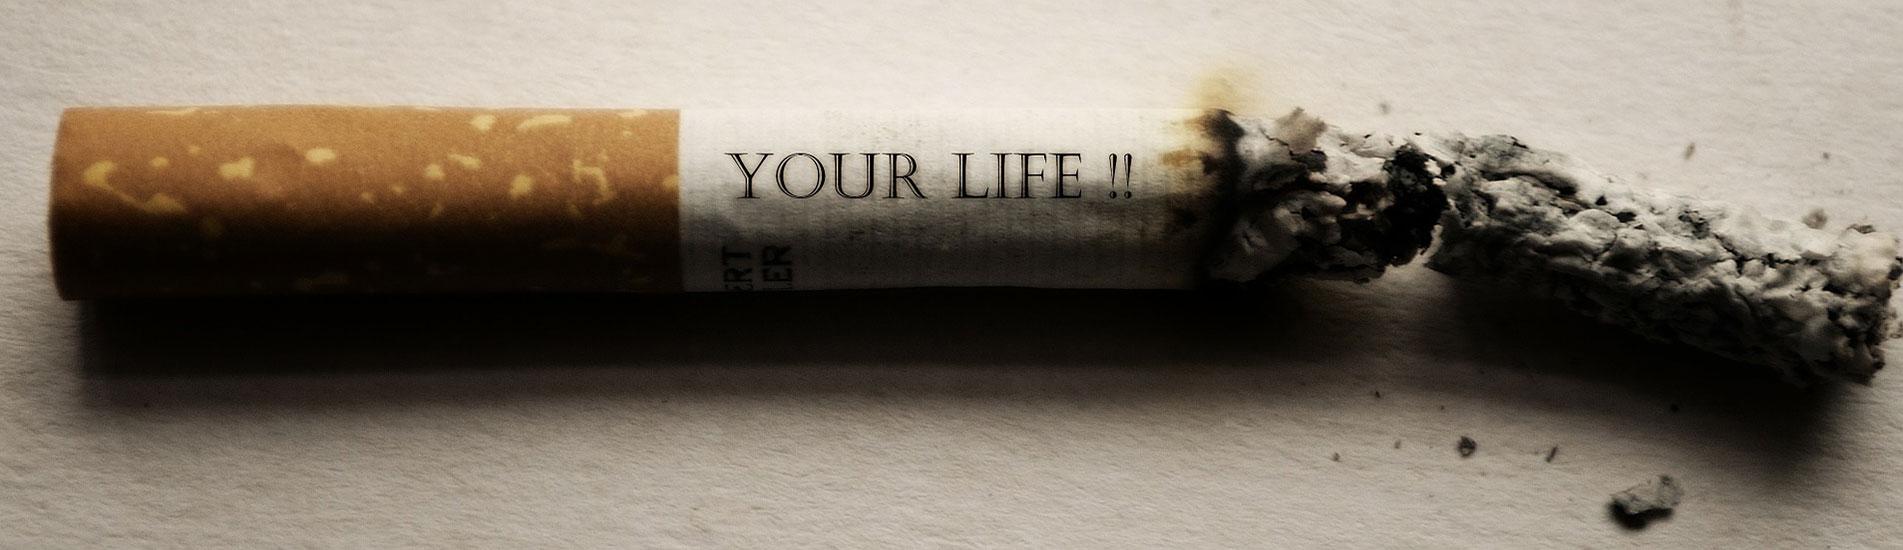 Απαραίτητη η θεραπεία διακοπής του καπνίσματος στους ασθενείς με καρκίνο